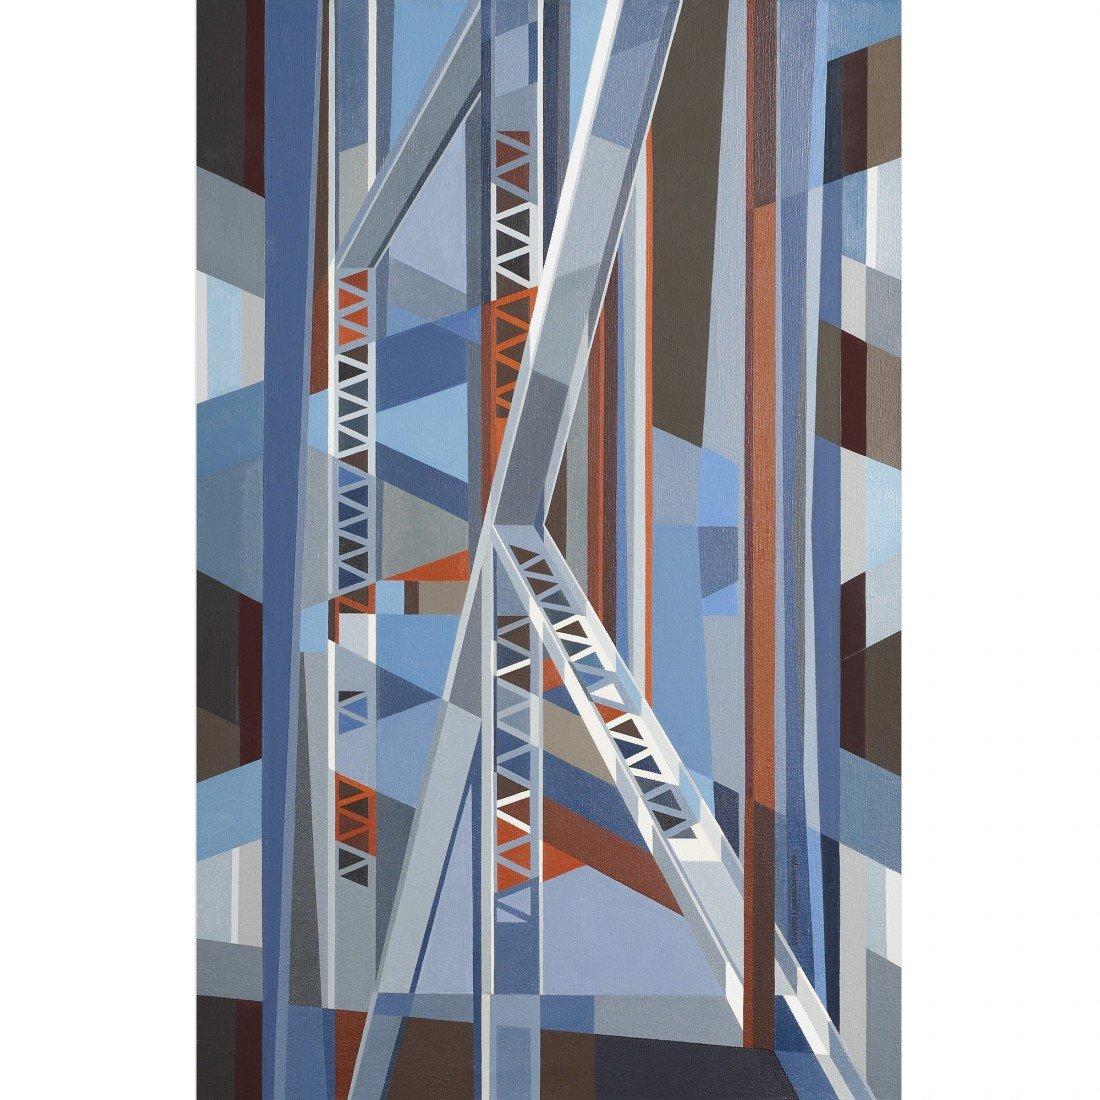 156: Edmund Lewandowski Structural Steel System